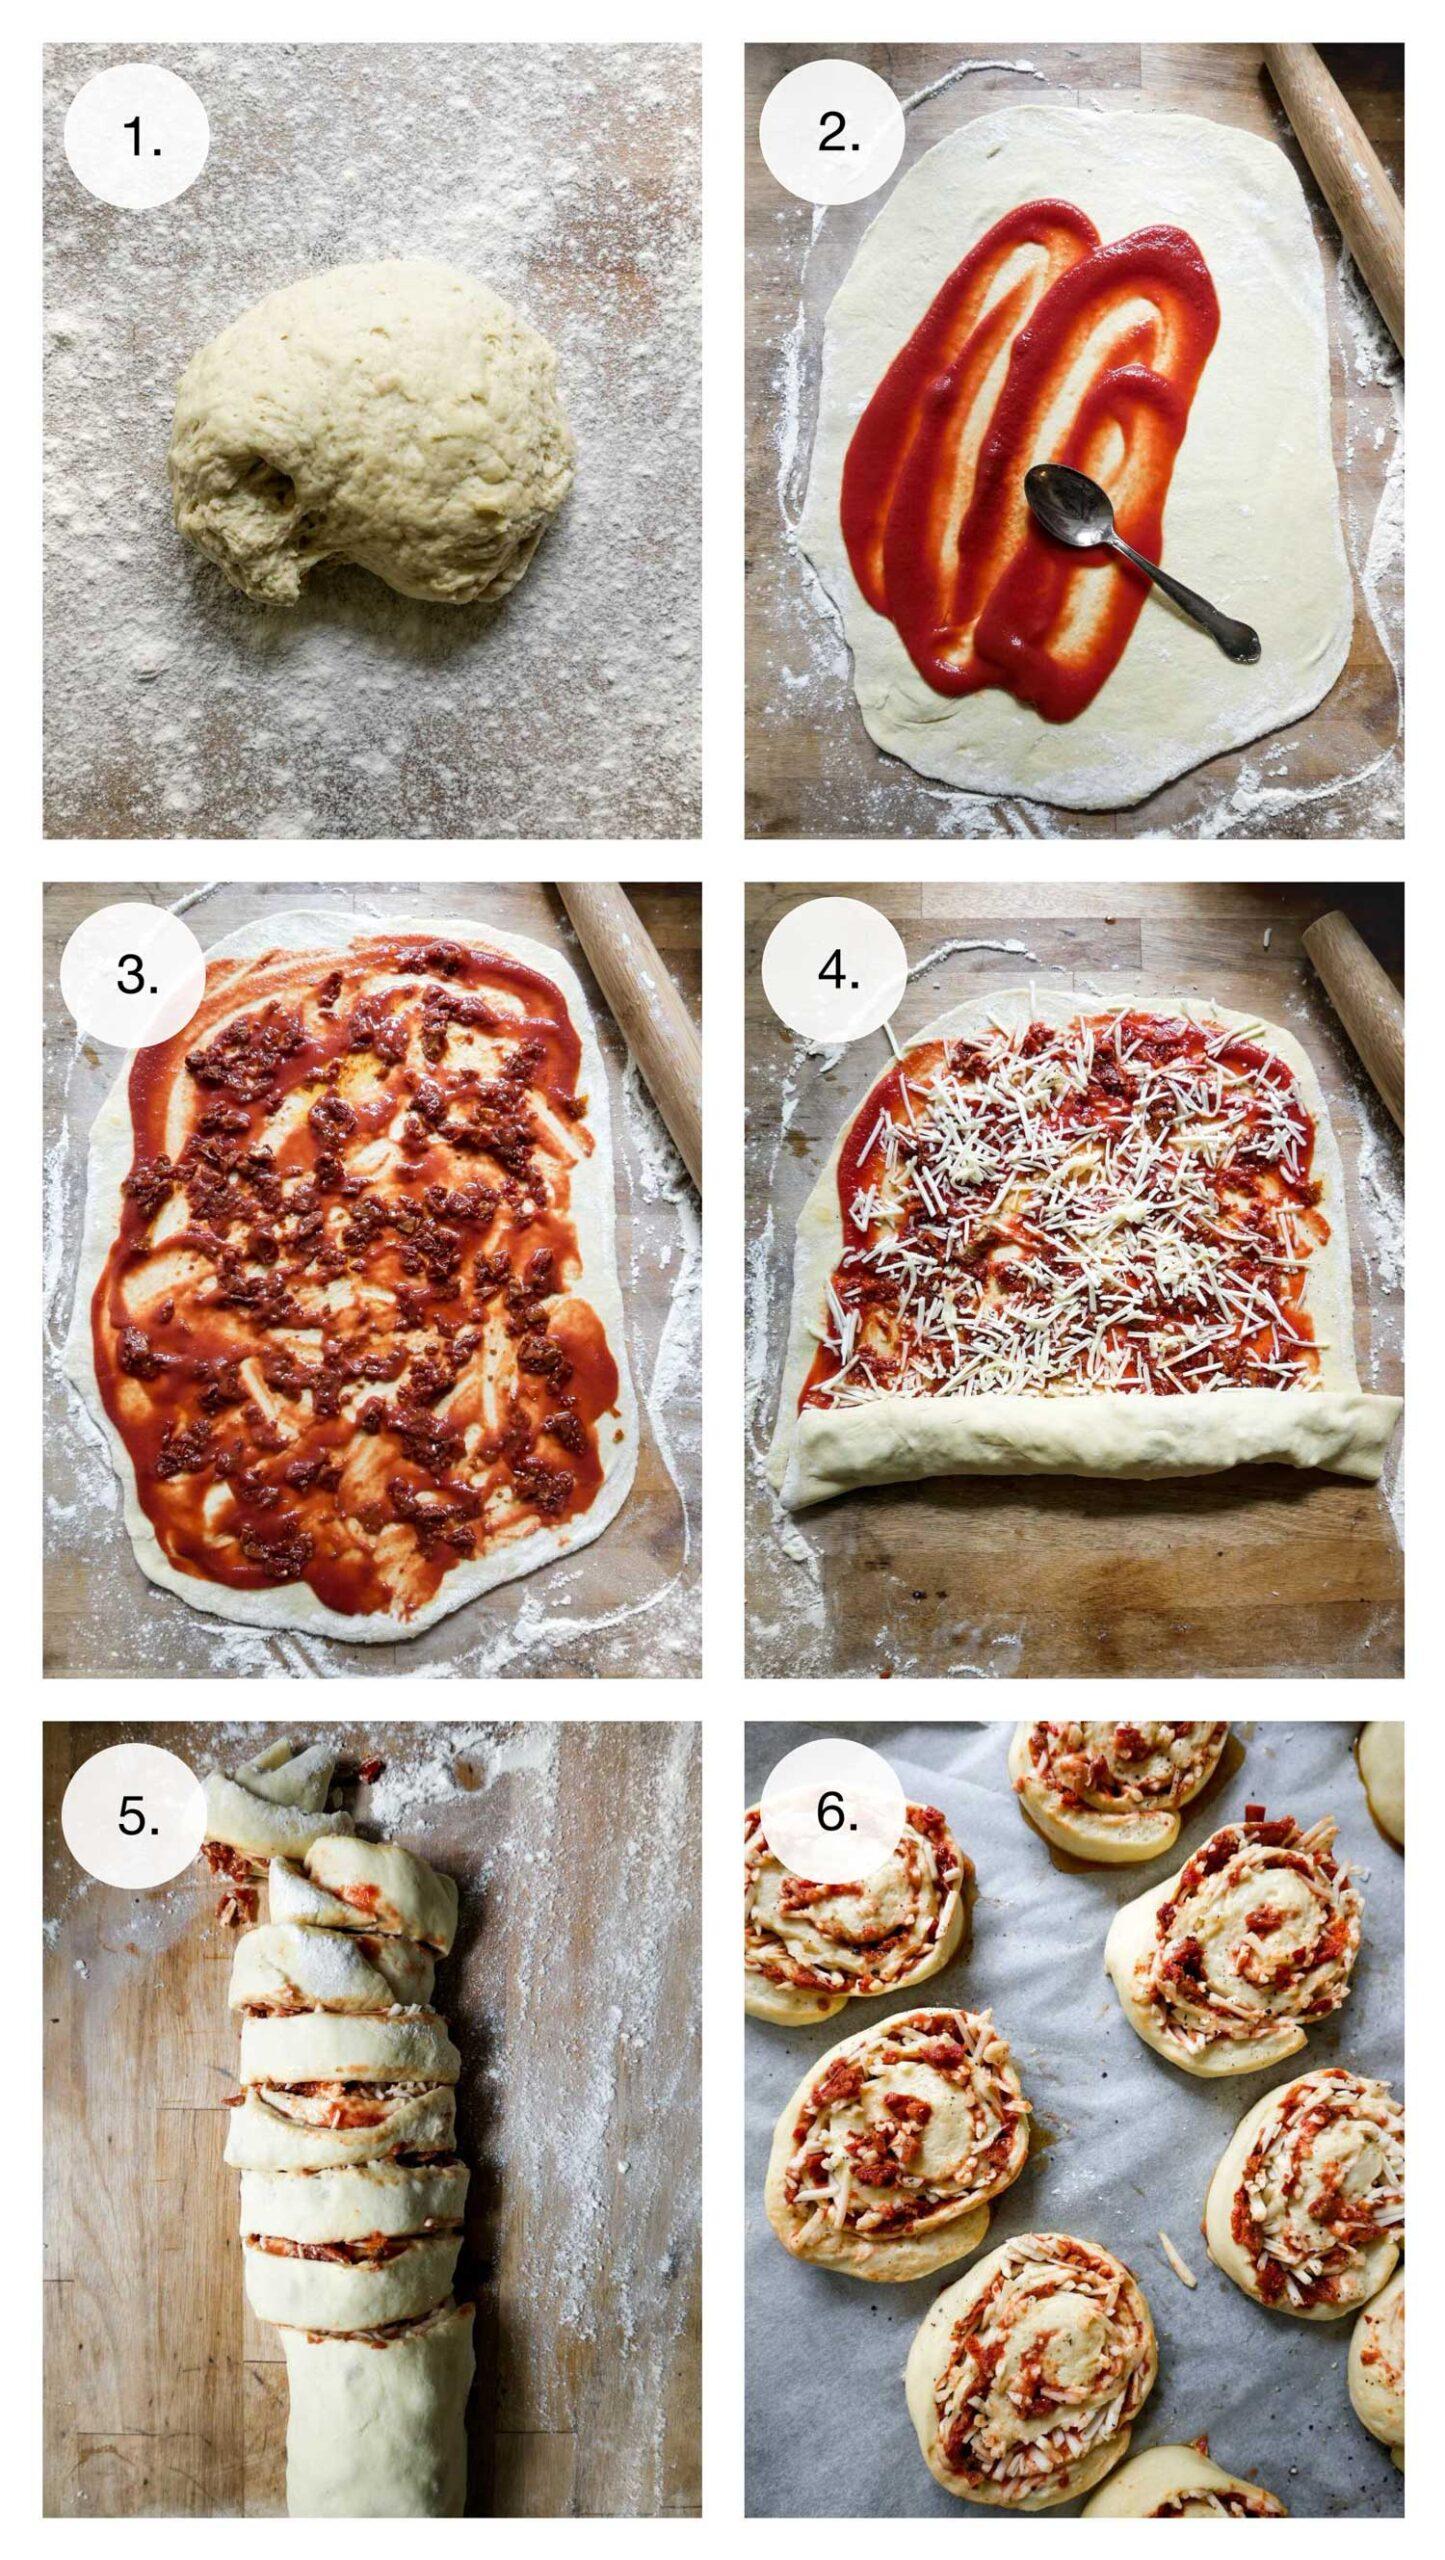 sådan laver du pizzasnegle uden kød